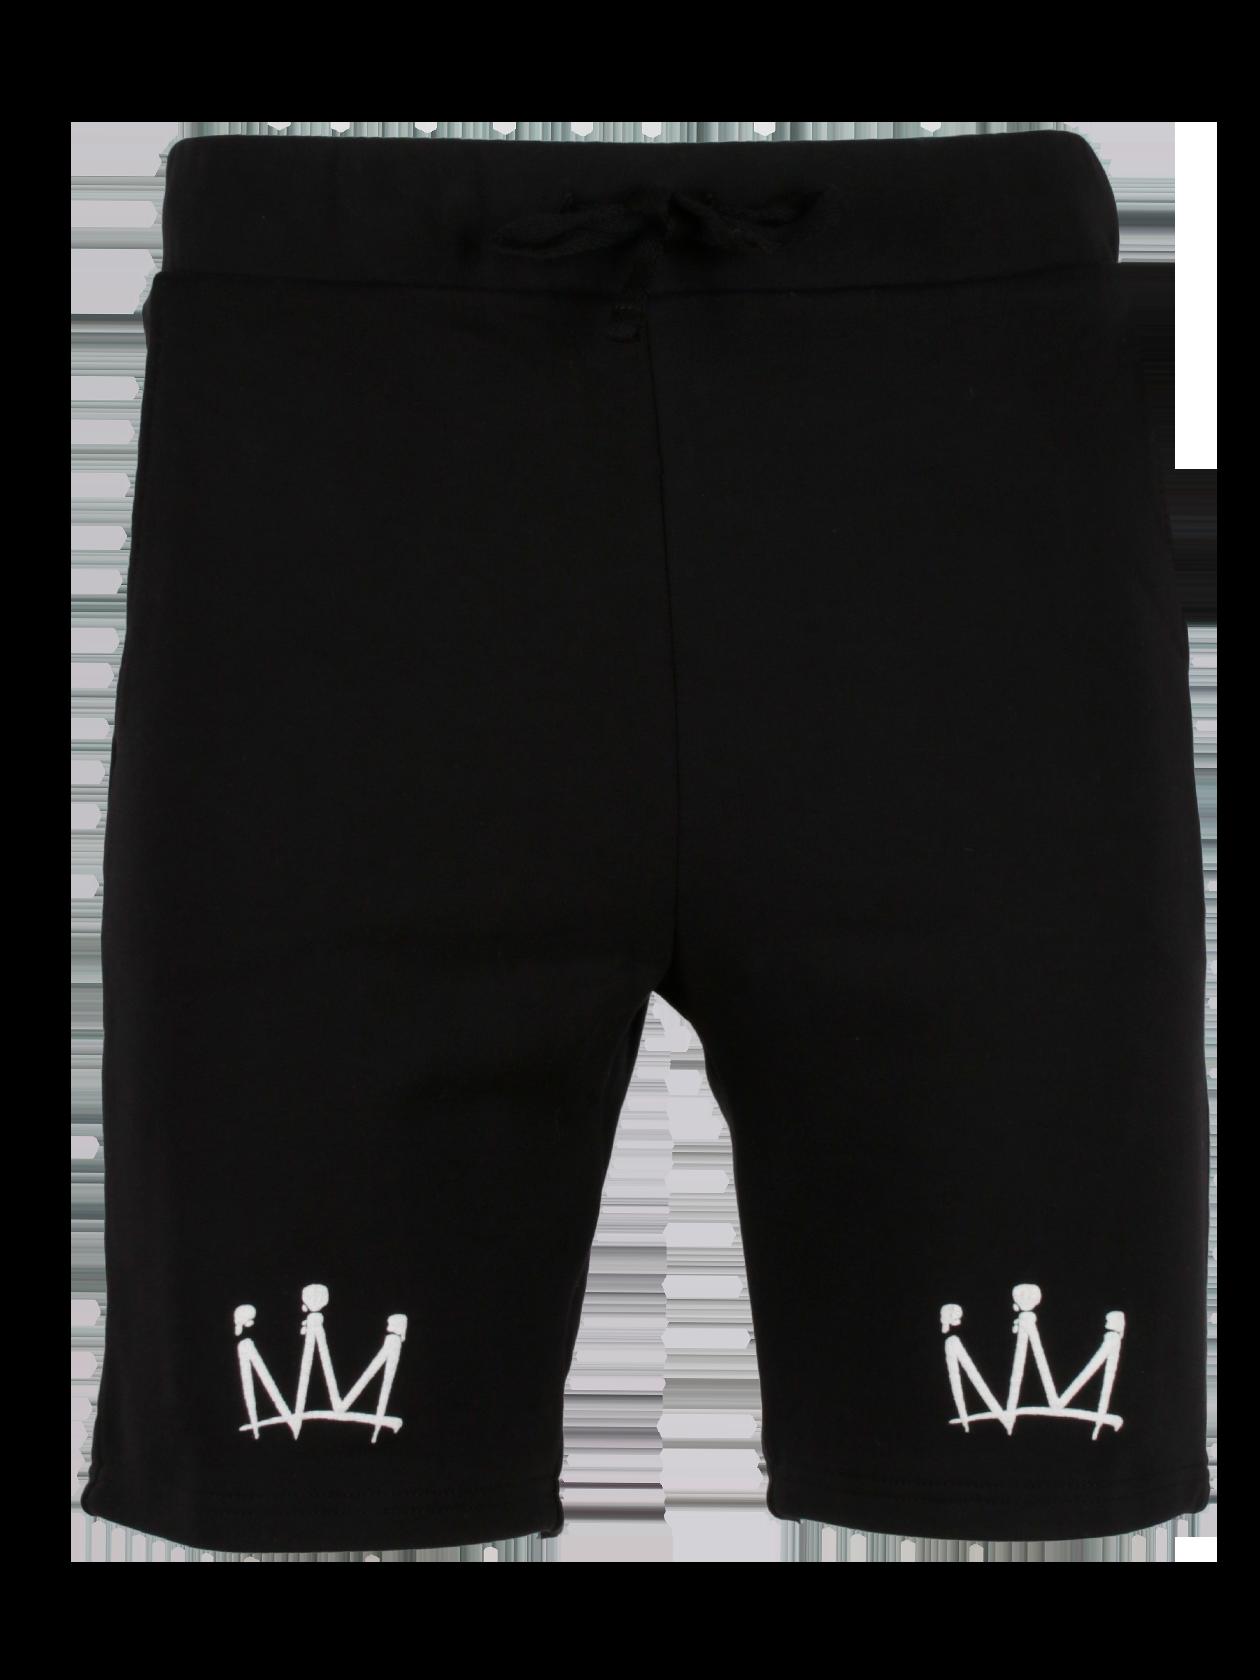 Шорты мужские DOUBLE CROWNШорты мужские Double Crown из новой коллекции артиста Мота добавят стиля повседневному образу. Модель выполнена в базовом черном цвете, обладает прямым свободным кроем. На поясе широкая фиксирующая резинка, низ изделия слегка закругленной формы. Декоративный элемент – небольшие белые короны на левой и правой штанине спереди. Сзади внутренний карман на листочке. Вещь сшита из премиального хлопка плотной текстуры.<br><br>Размер: XS<br>Цвет: Черный<br>Пол: Мужской